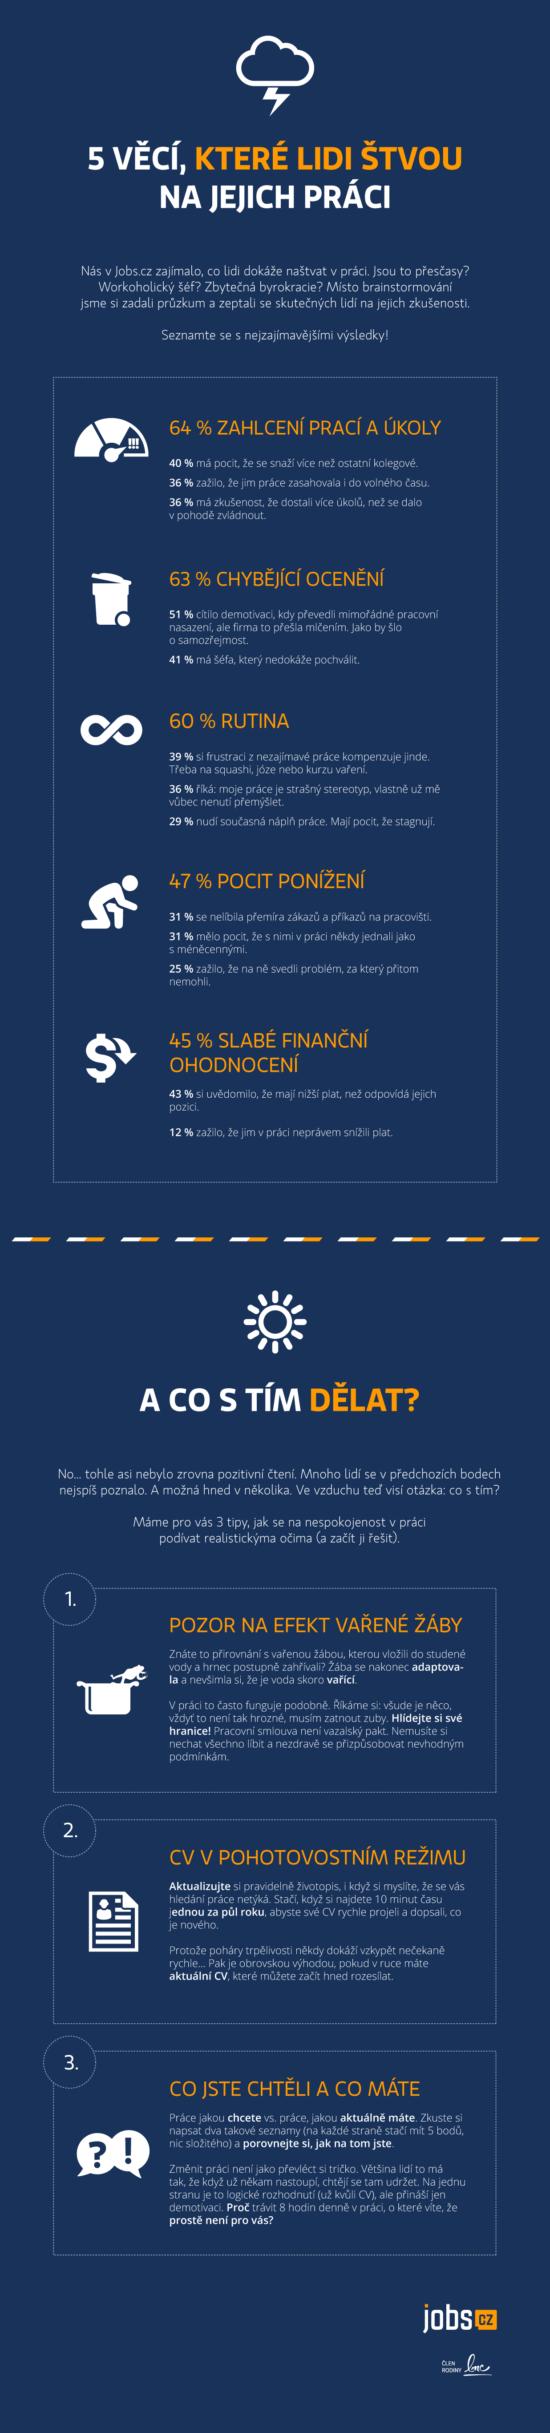 Co Čechům vadí v zaměstnání? – Infografika